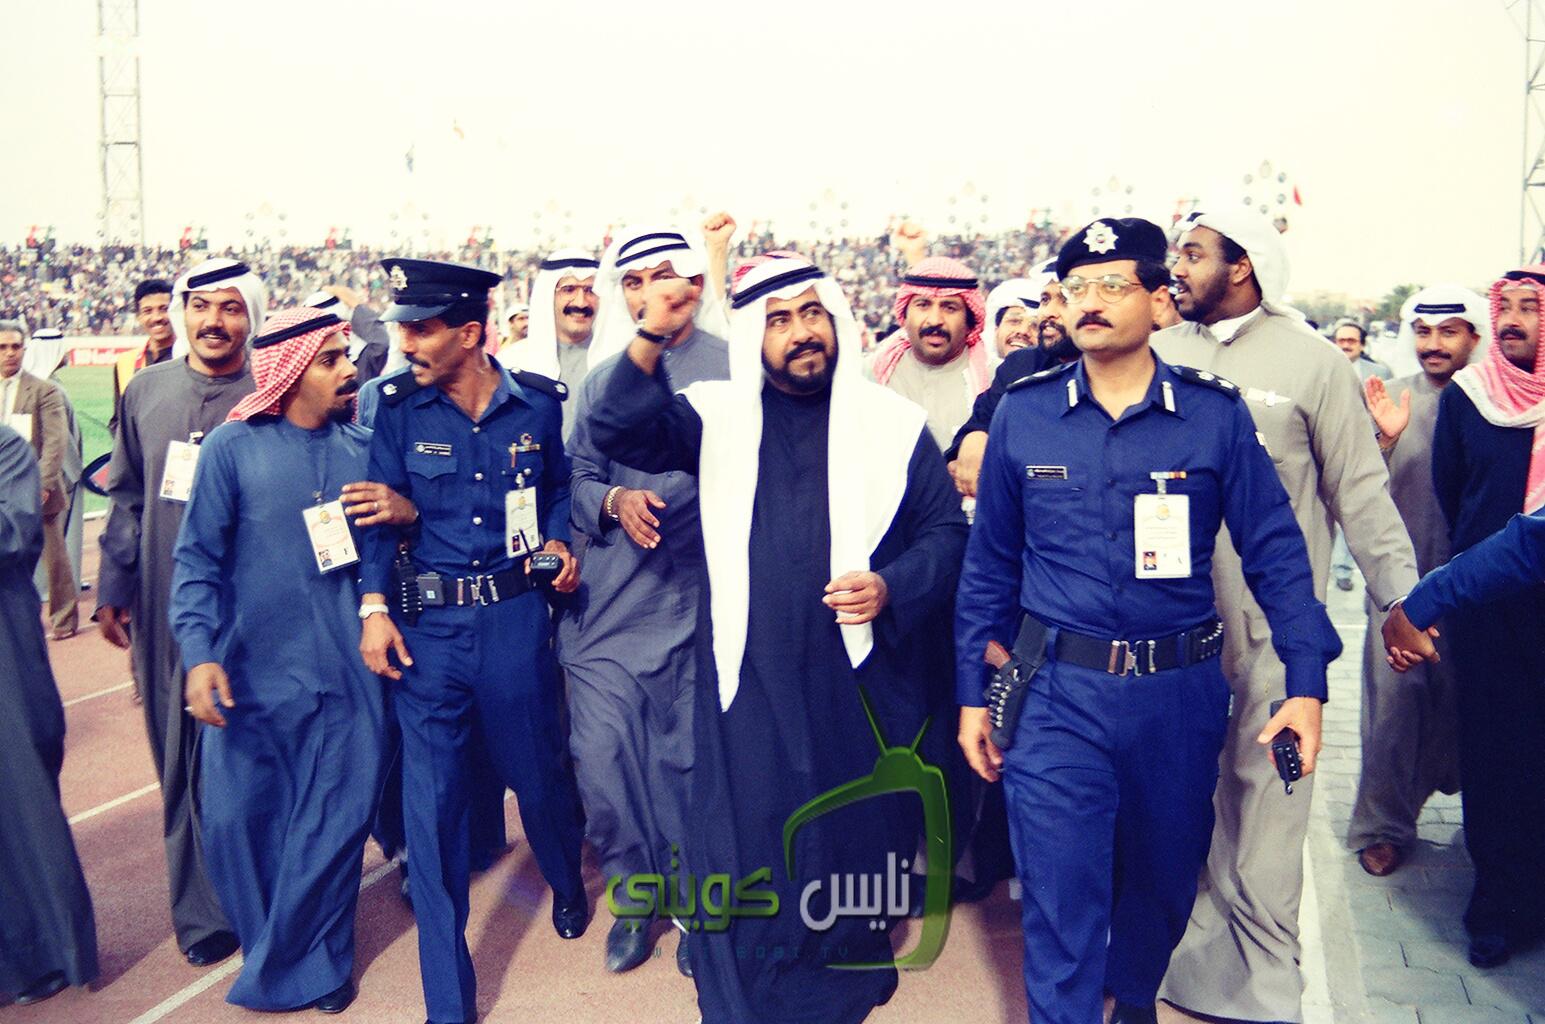 لقاء مع الشهيد فهد الاحمد - محمد المسند - دور